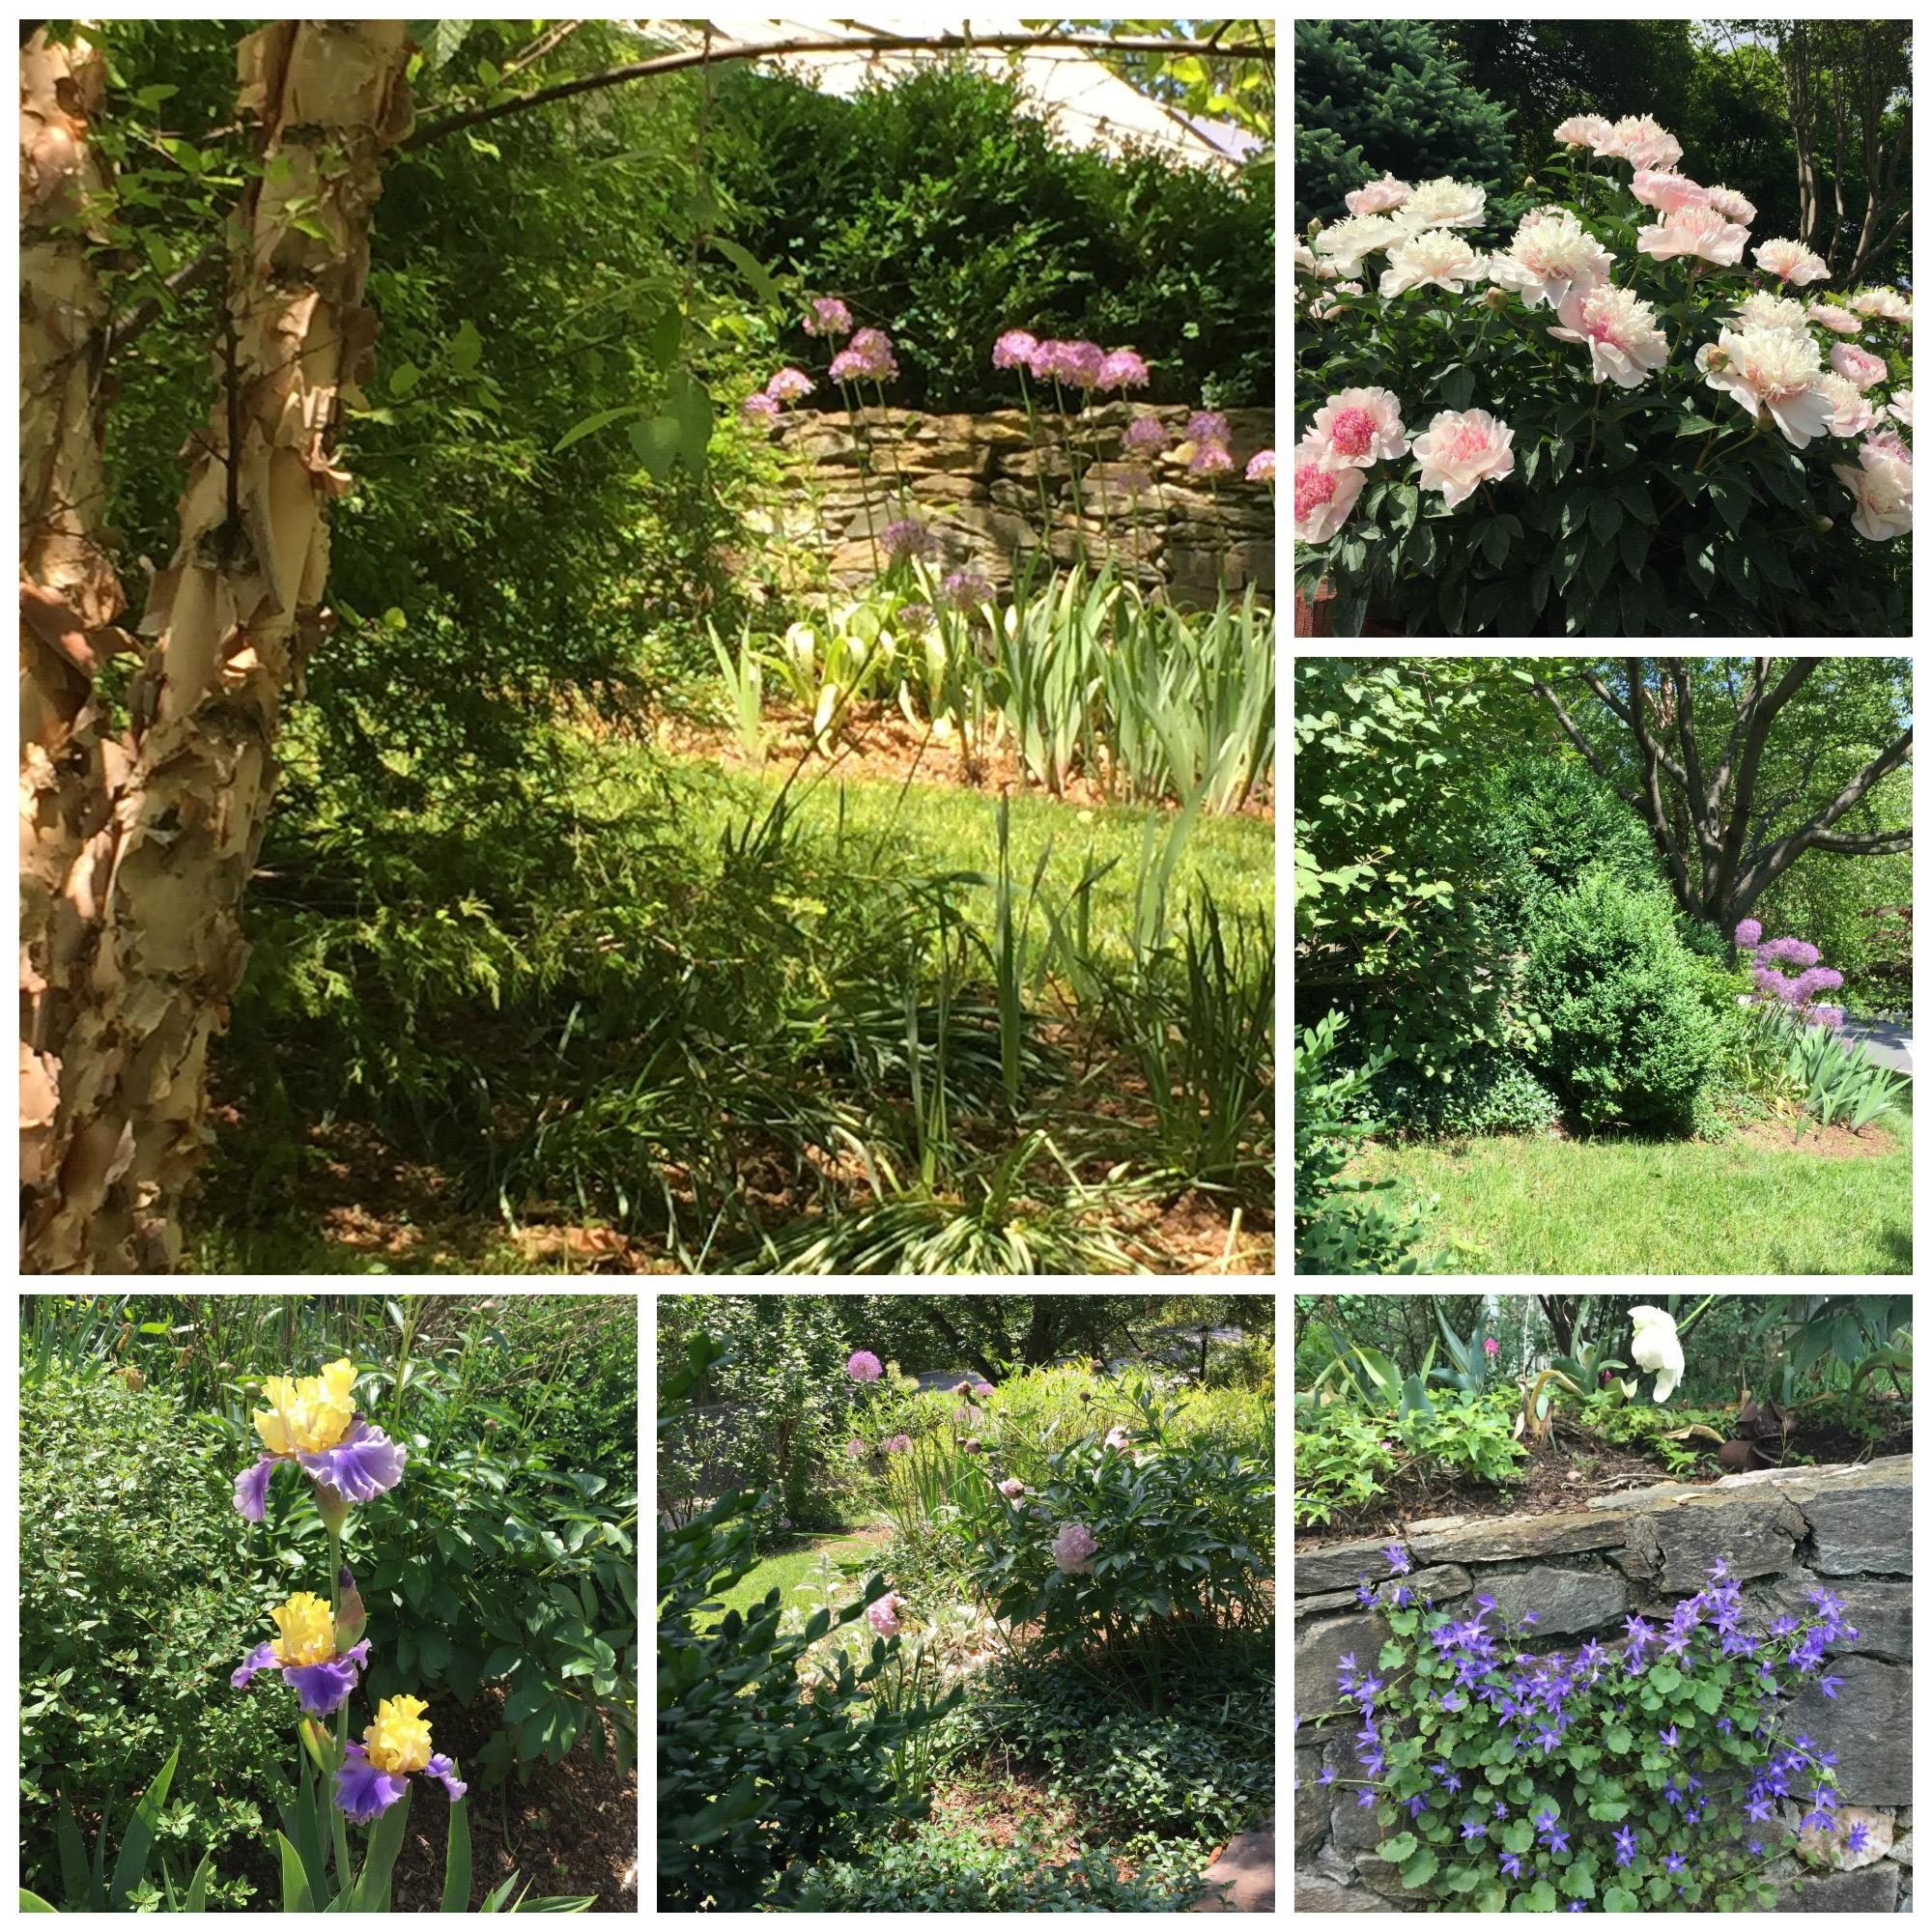 gardenlatespring (1)